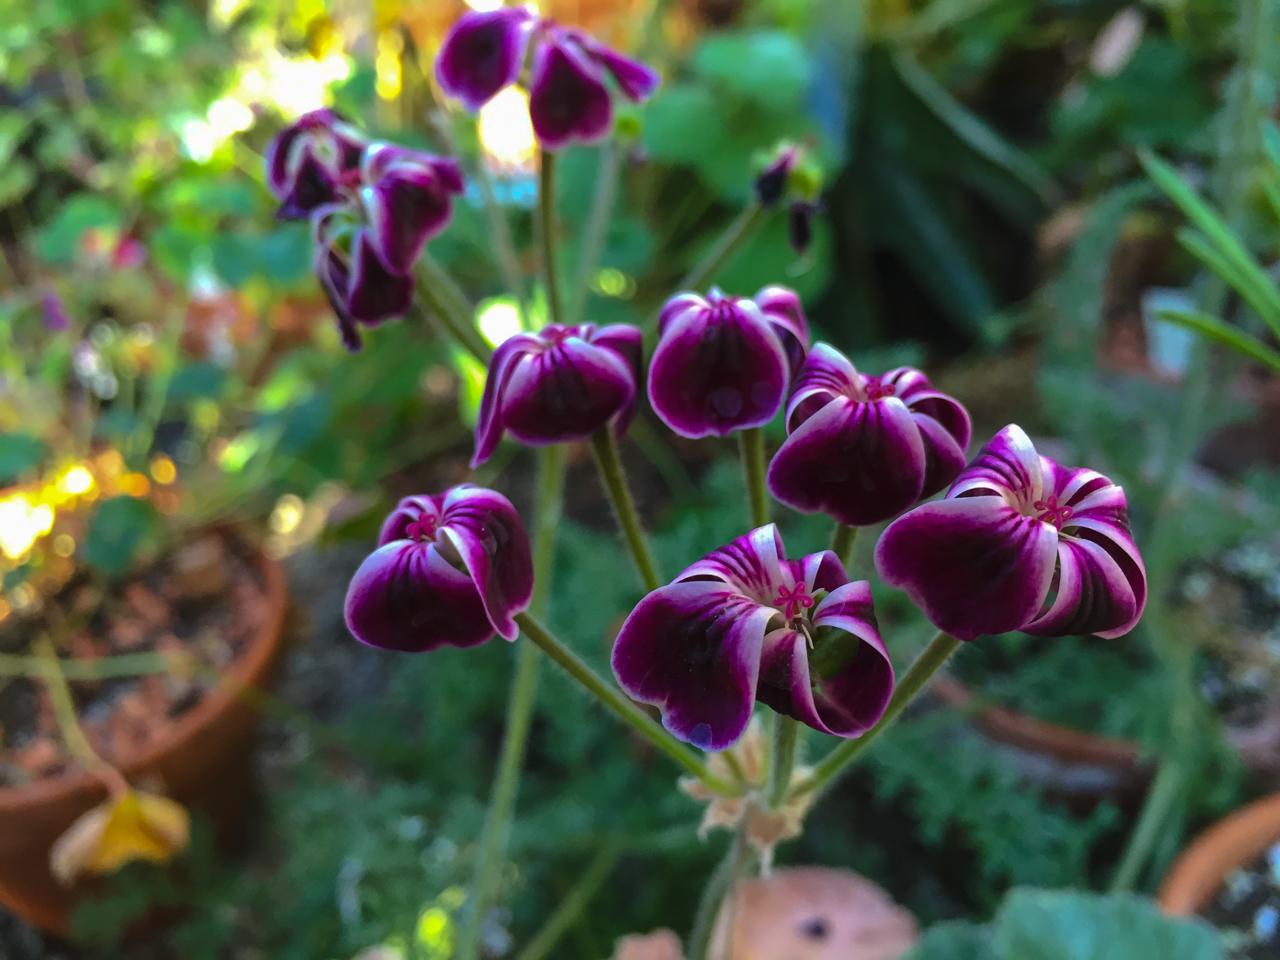 Geranie die beliebteste balkonblume ploberger for Fliegen in blumenerde entfernen